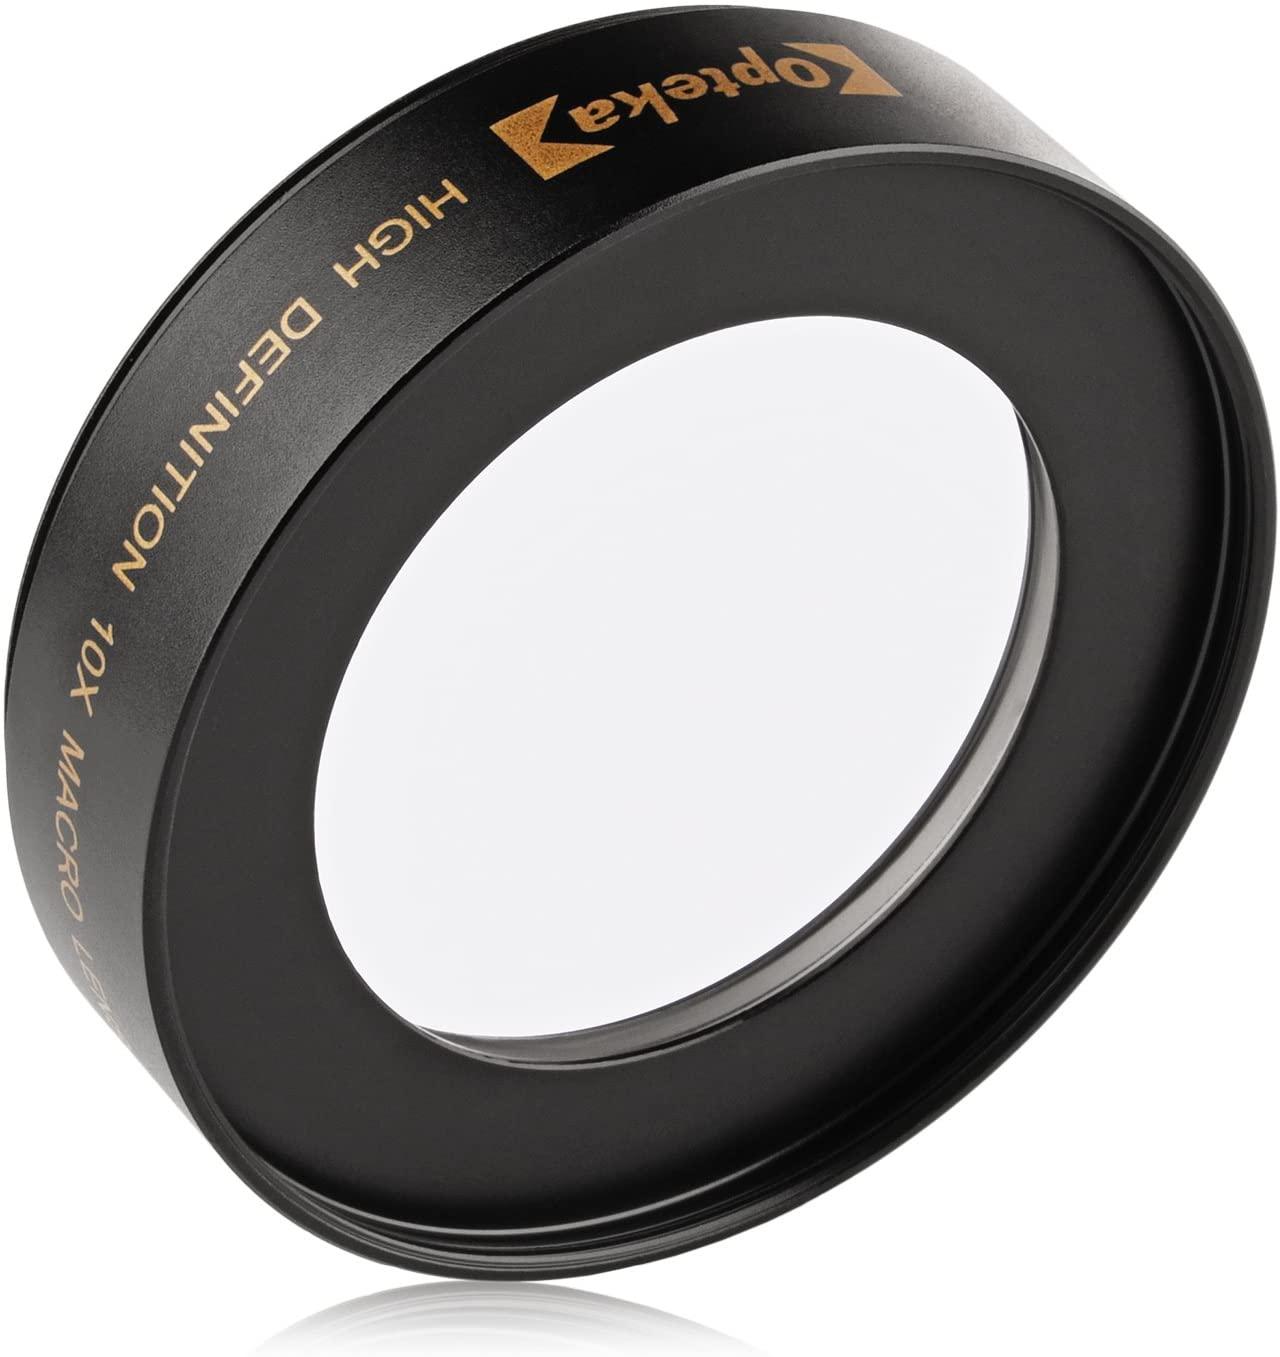 E-마운트 A7R A7S A7 A6300 A6000 A5100 A5000 A3000 NEX-7 6 5T 5N 5R 디지털 카메라(40.5MM 5MM) 및 5MMS 렌즈용 옵테카 ACHROMATIC 10X 디옵터 클로즈업 매크로 렌즈